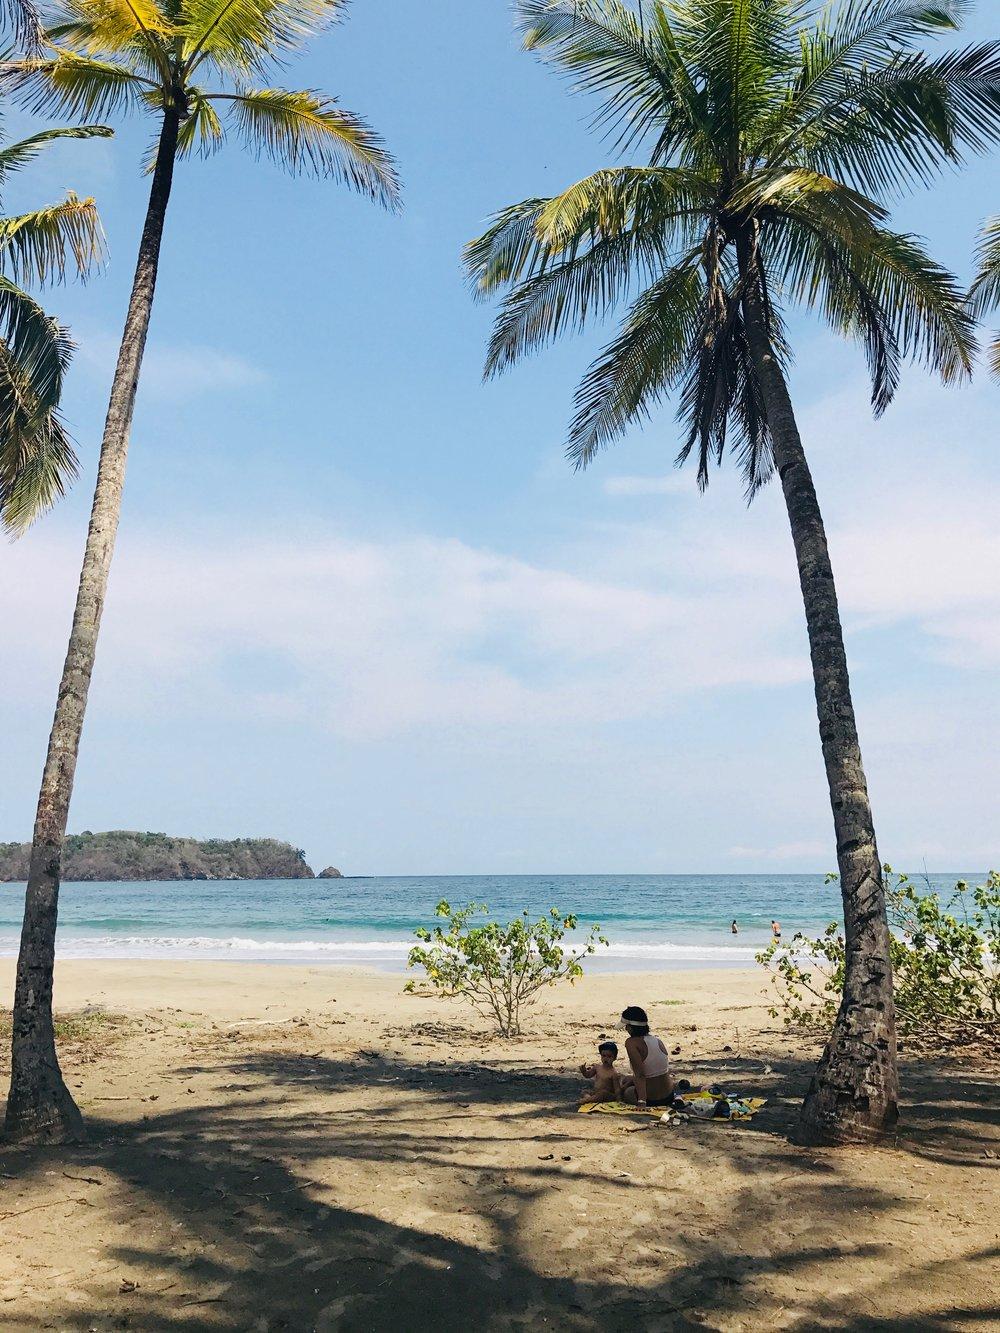 Carillo Beach, Costa Rica. Happy days!